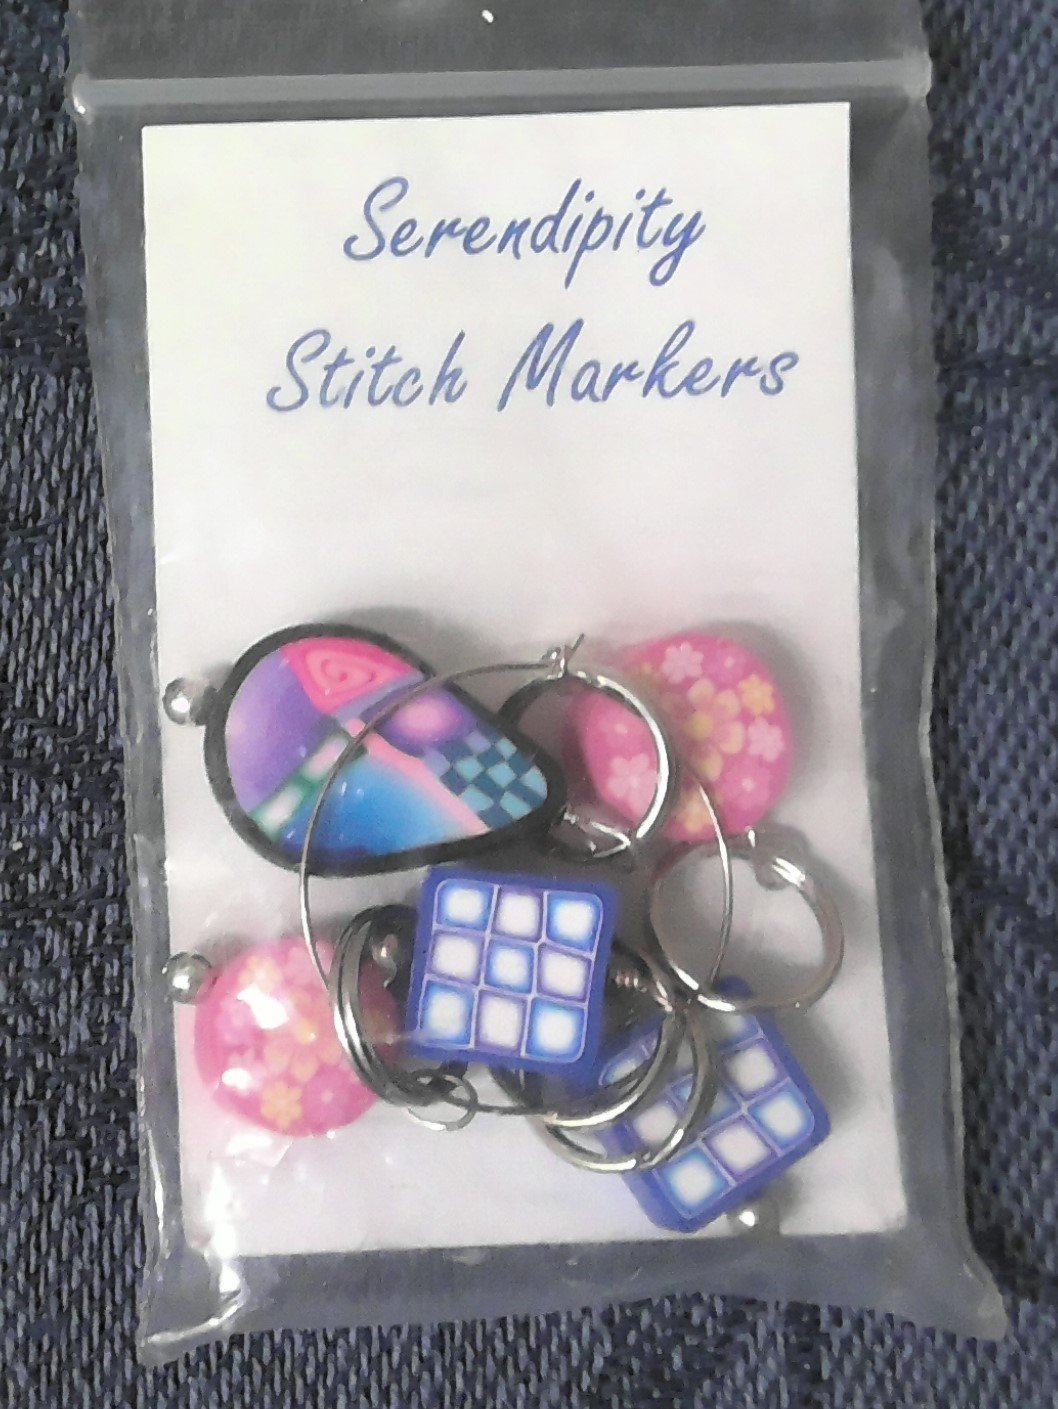 Serendipity Stitch Markers